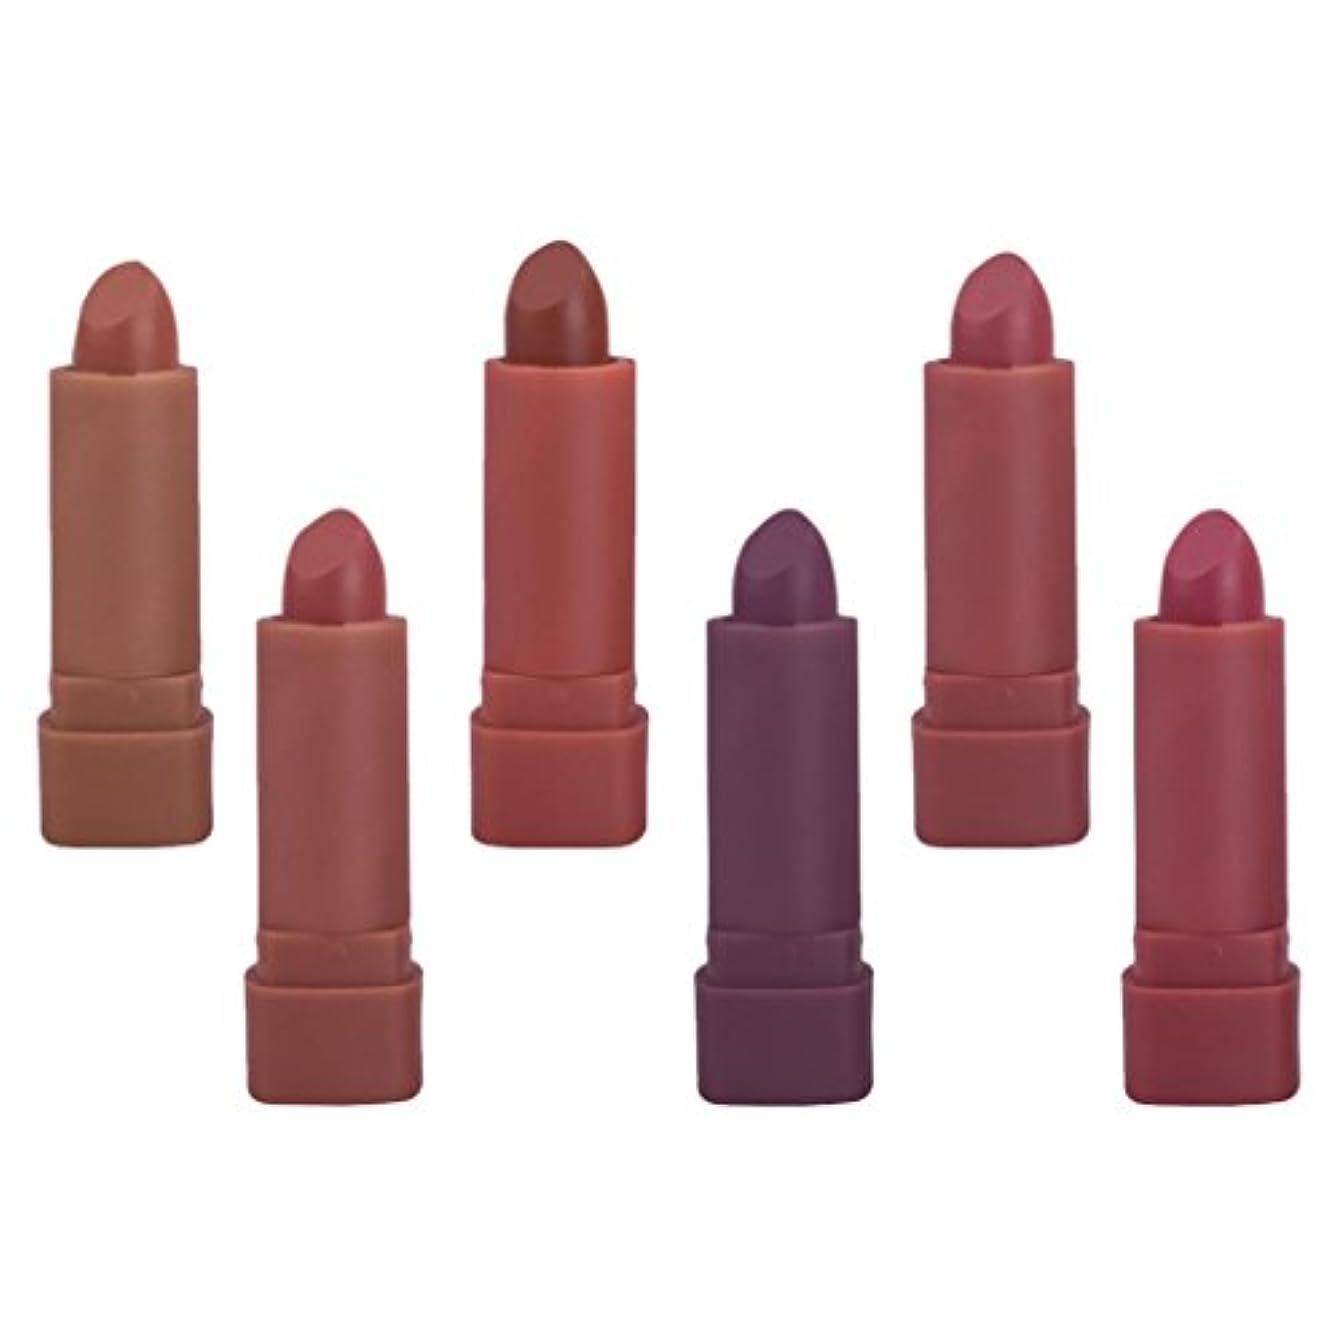 エゴマニアごめんなさい近所のリップ スティック キット ミニマット 口紅セット 長持ち色 化粧品 メイク 6色セット